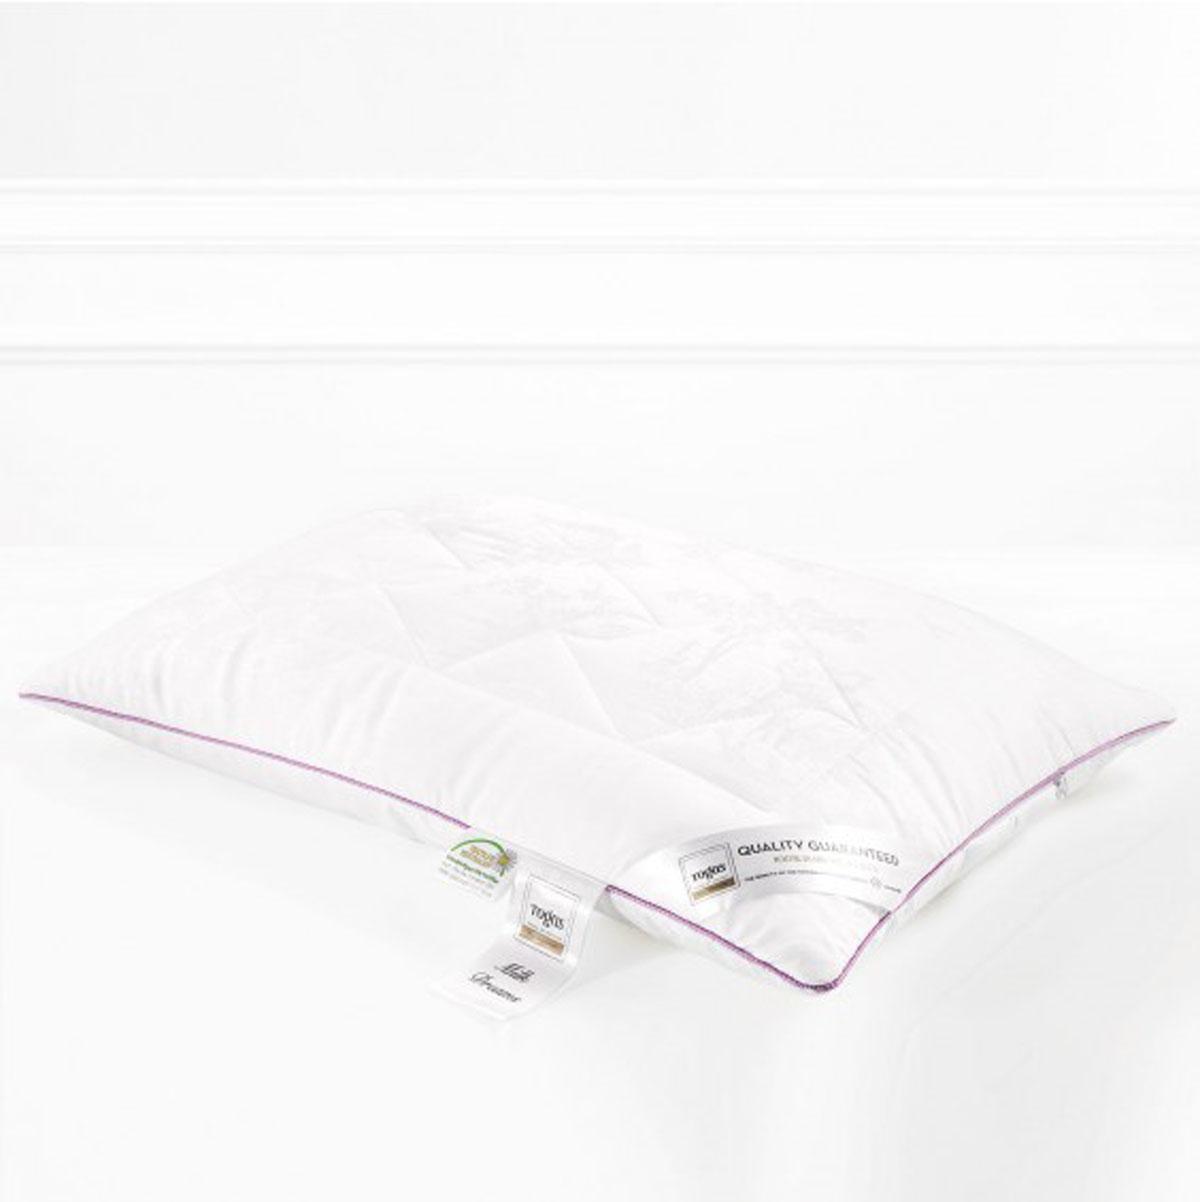 Подушка Togas Милк дримс, наполнитель: молочное волокно, 70 х 70 см20.05.16.0072Чехол подушки Togas Милк дримс выполнен из жаккарда (100% модал). Наполнитель подушки изготовлен из молочного волокна. Модал – материал нового поколения, появился сравнительно недавно. Несмотря на синтетическое происхождение, он считается экологически чистым, так как изготовлен из 100% древесной целлюлозы. Целлюлоза для модала используется высококачественная, чаще всего из эвкалиптового дерева, бука, сосны. Молочное волокно имеет гипоаллергенные и антибактериальные свойства. Наполнитель из молочного волокна отлично поглощает лишнюю влагу, не препятствует естественному дыханию кожи во время сна и при этом сохраняет все свои свойства после многократных стирок. Такая подушка абсолютно натуральна и безопасна. Она дарит всю пользу молока вашей коже, насыщая ее во время сна аминокислотами, микроэлементами и оказывая на нее естественно увлажняющее и стимулирующее кровообращение действие.